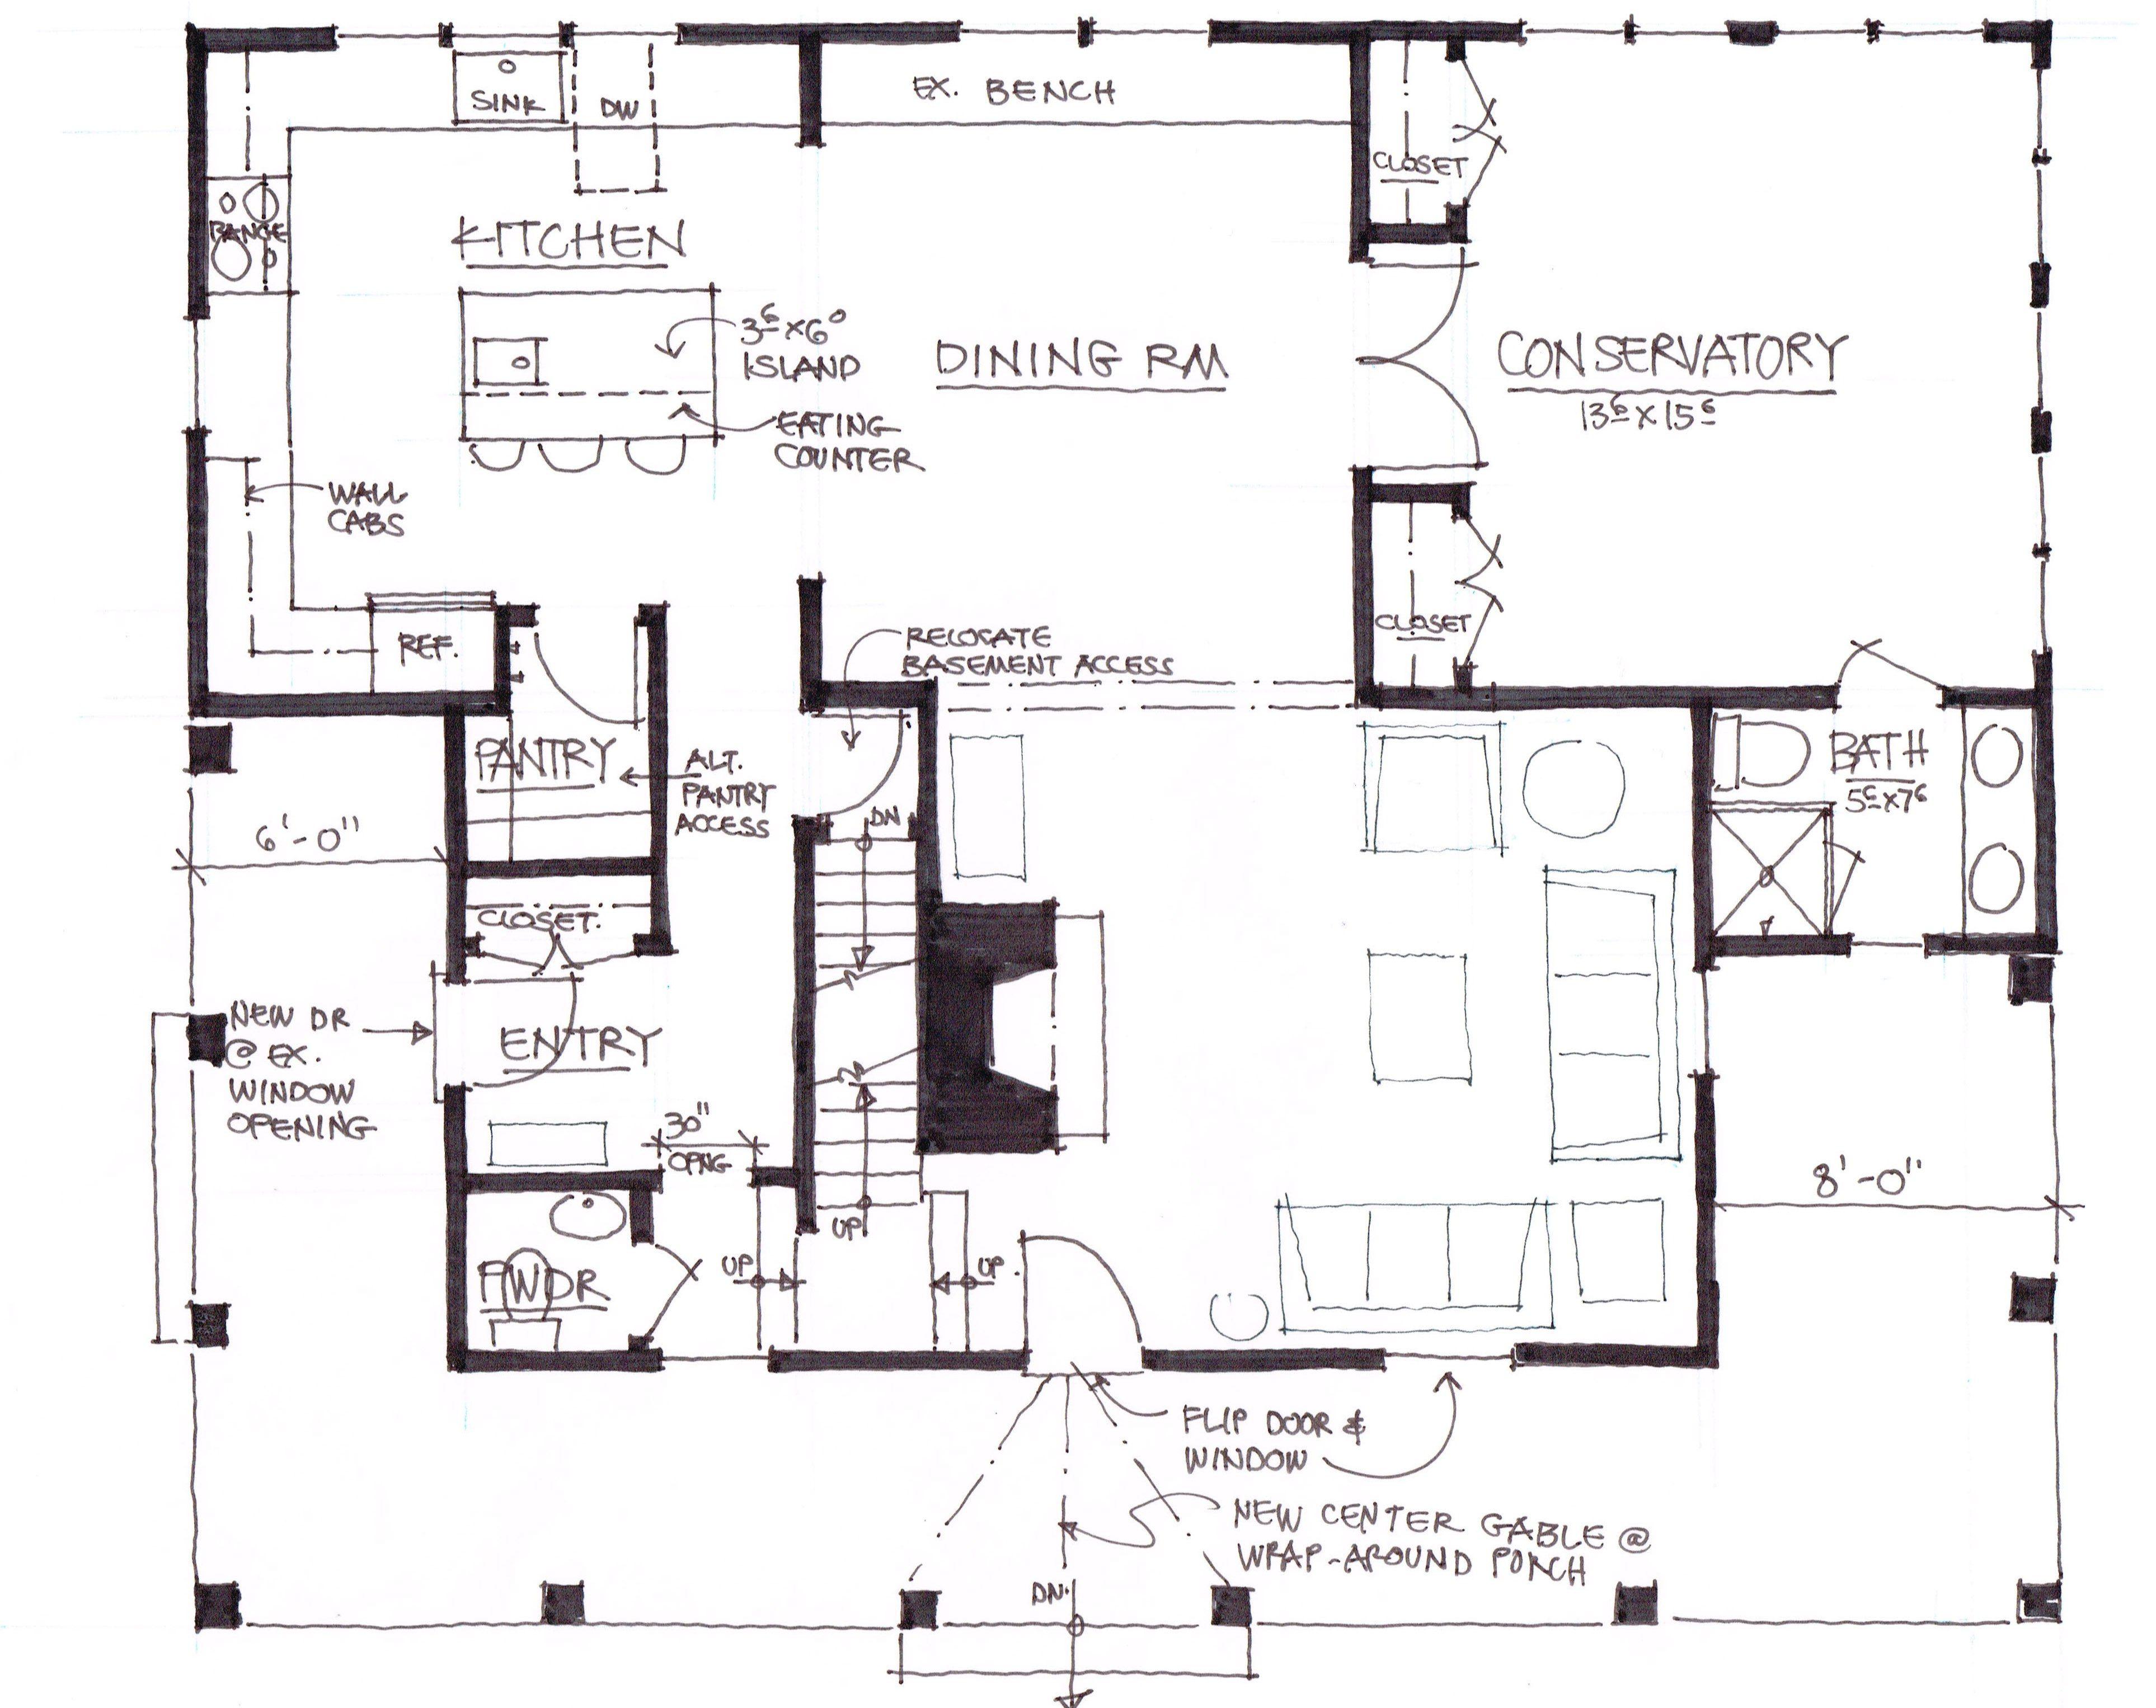 Coraline house floor plan